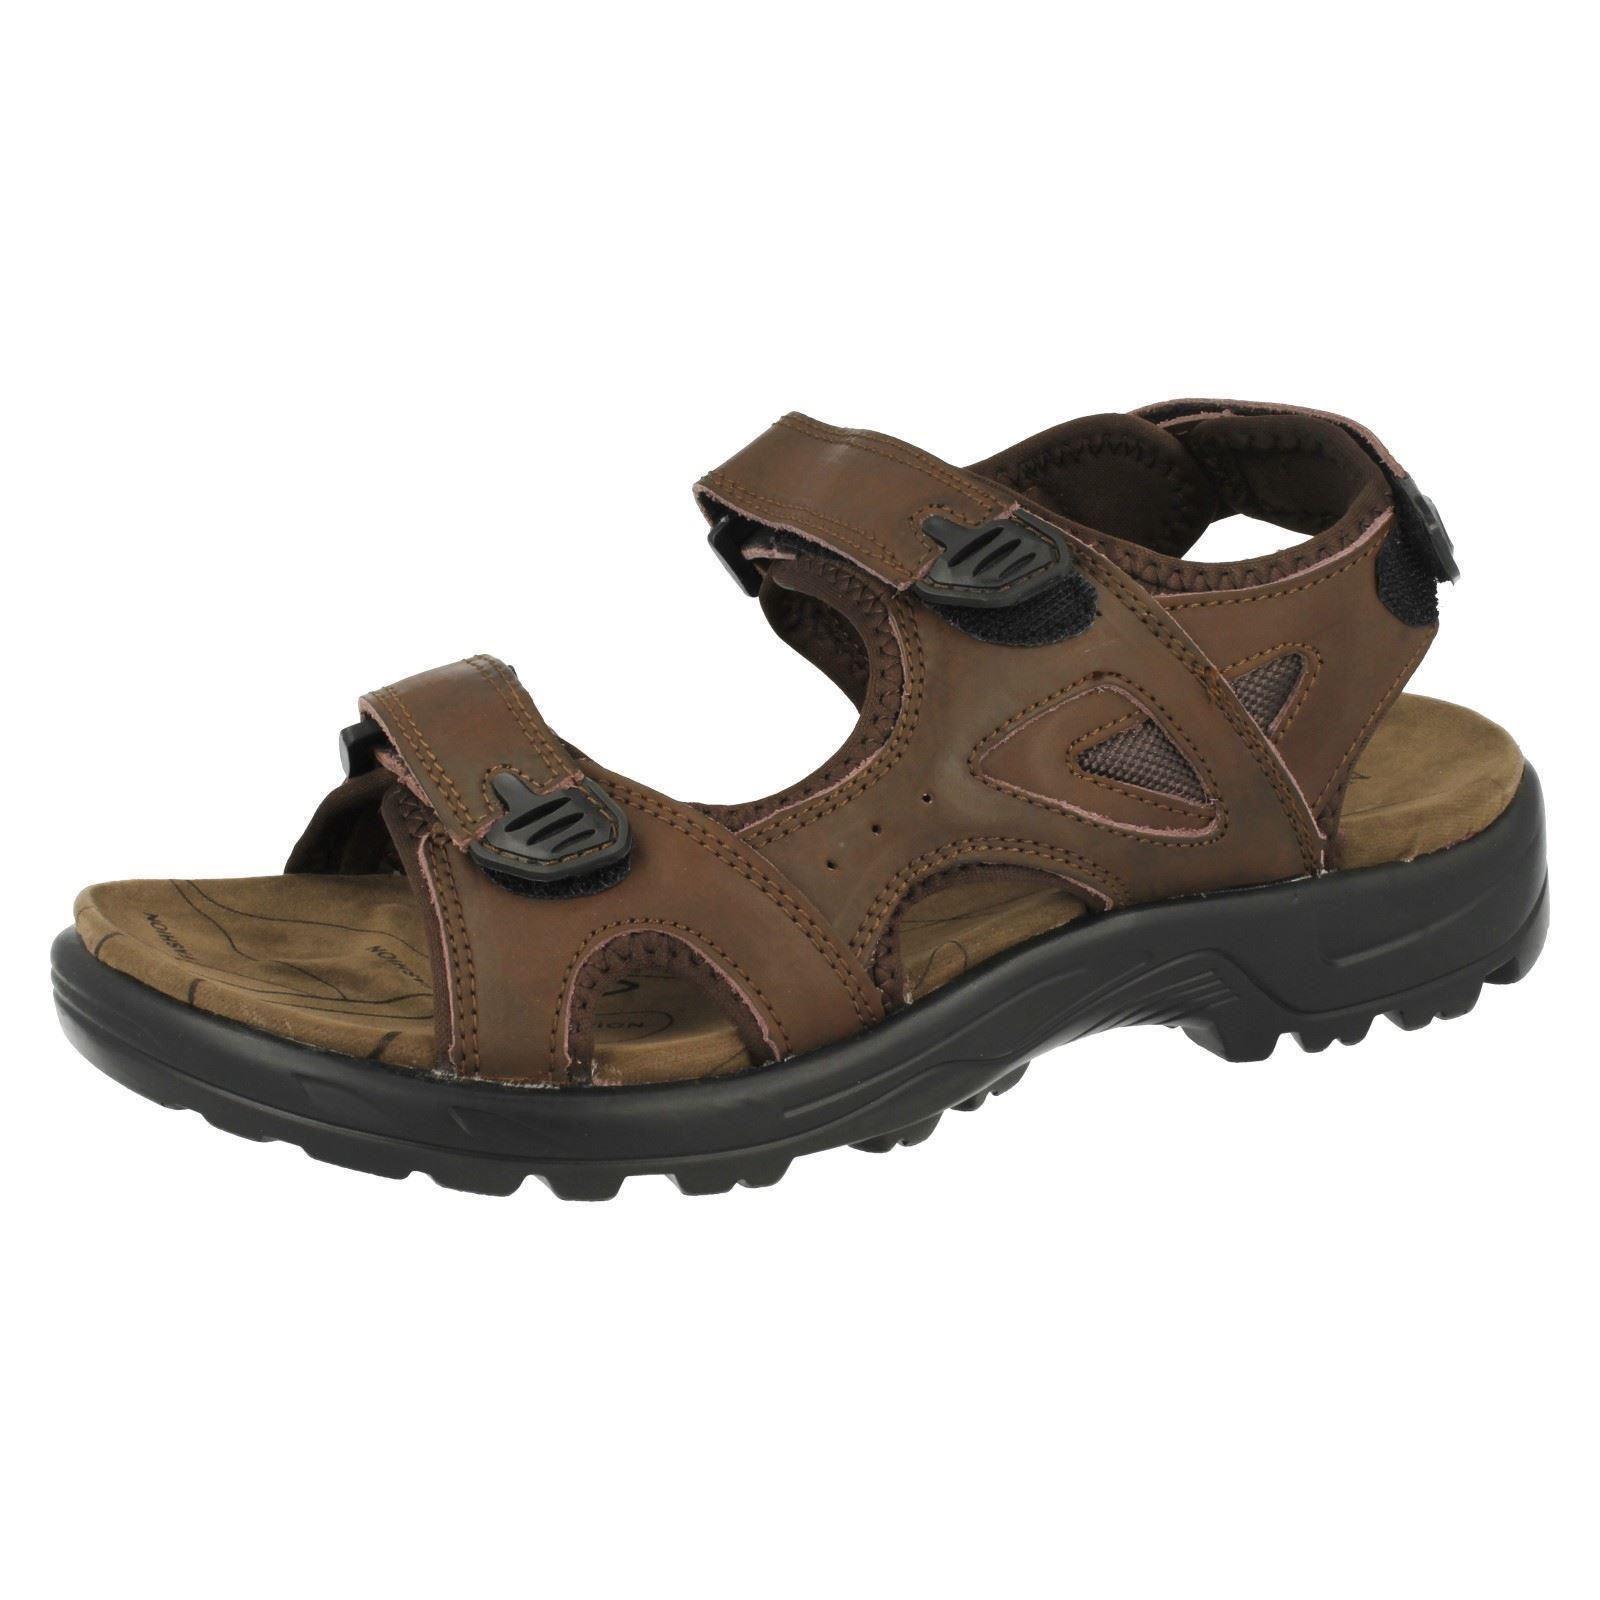 Uomo Northwest Arabo Sandali pelle Marrone Casual Sandali Arabo con Cinturino 66e083